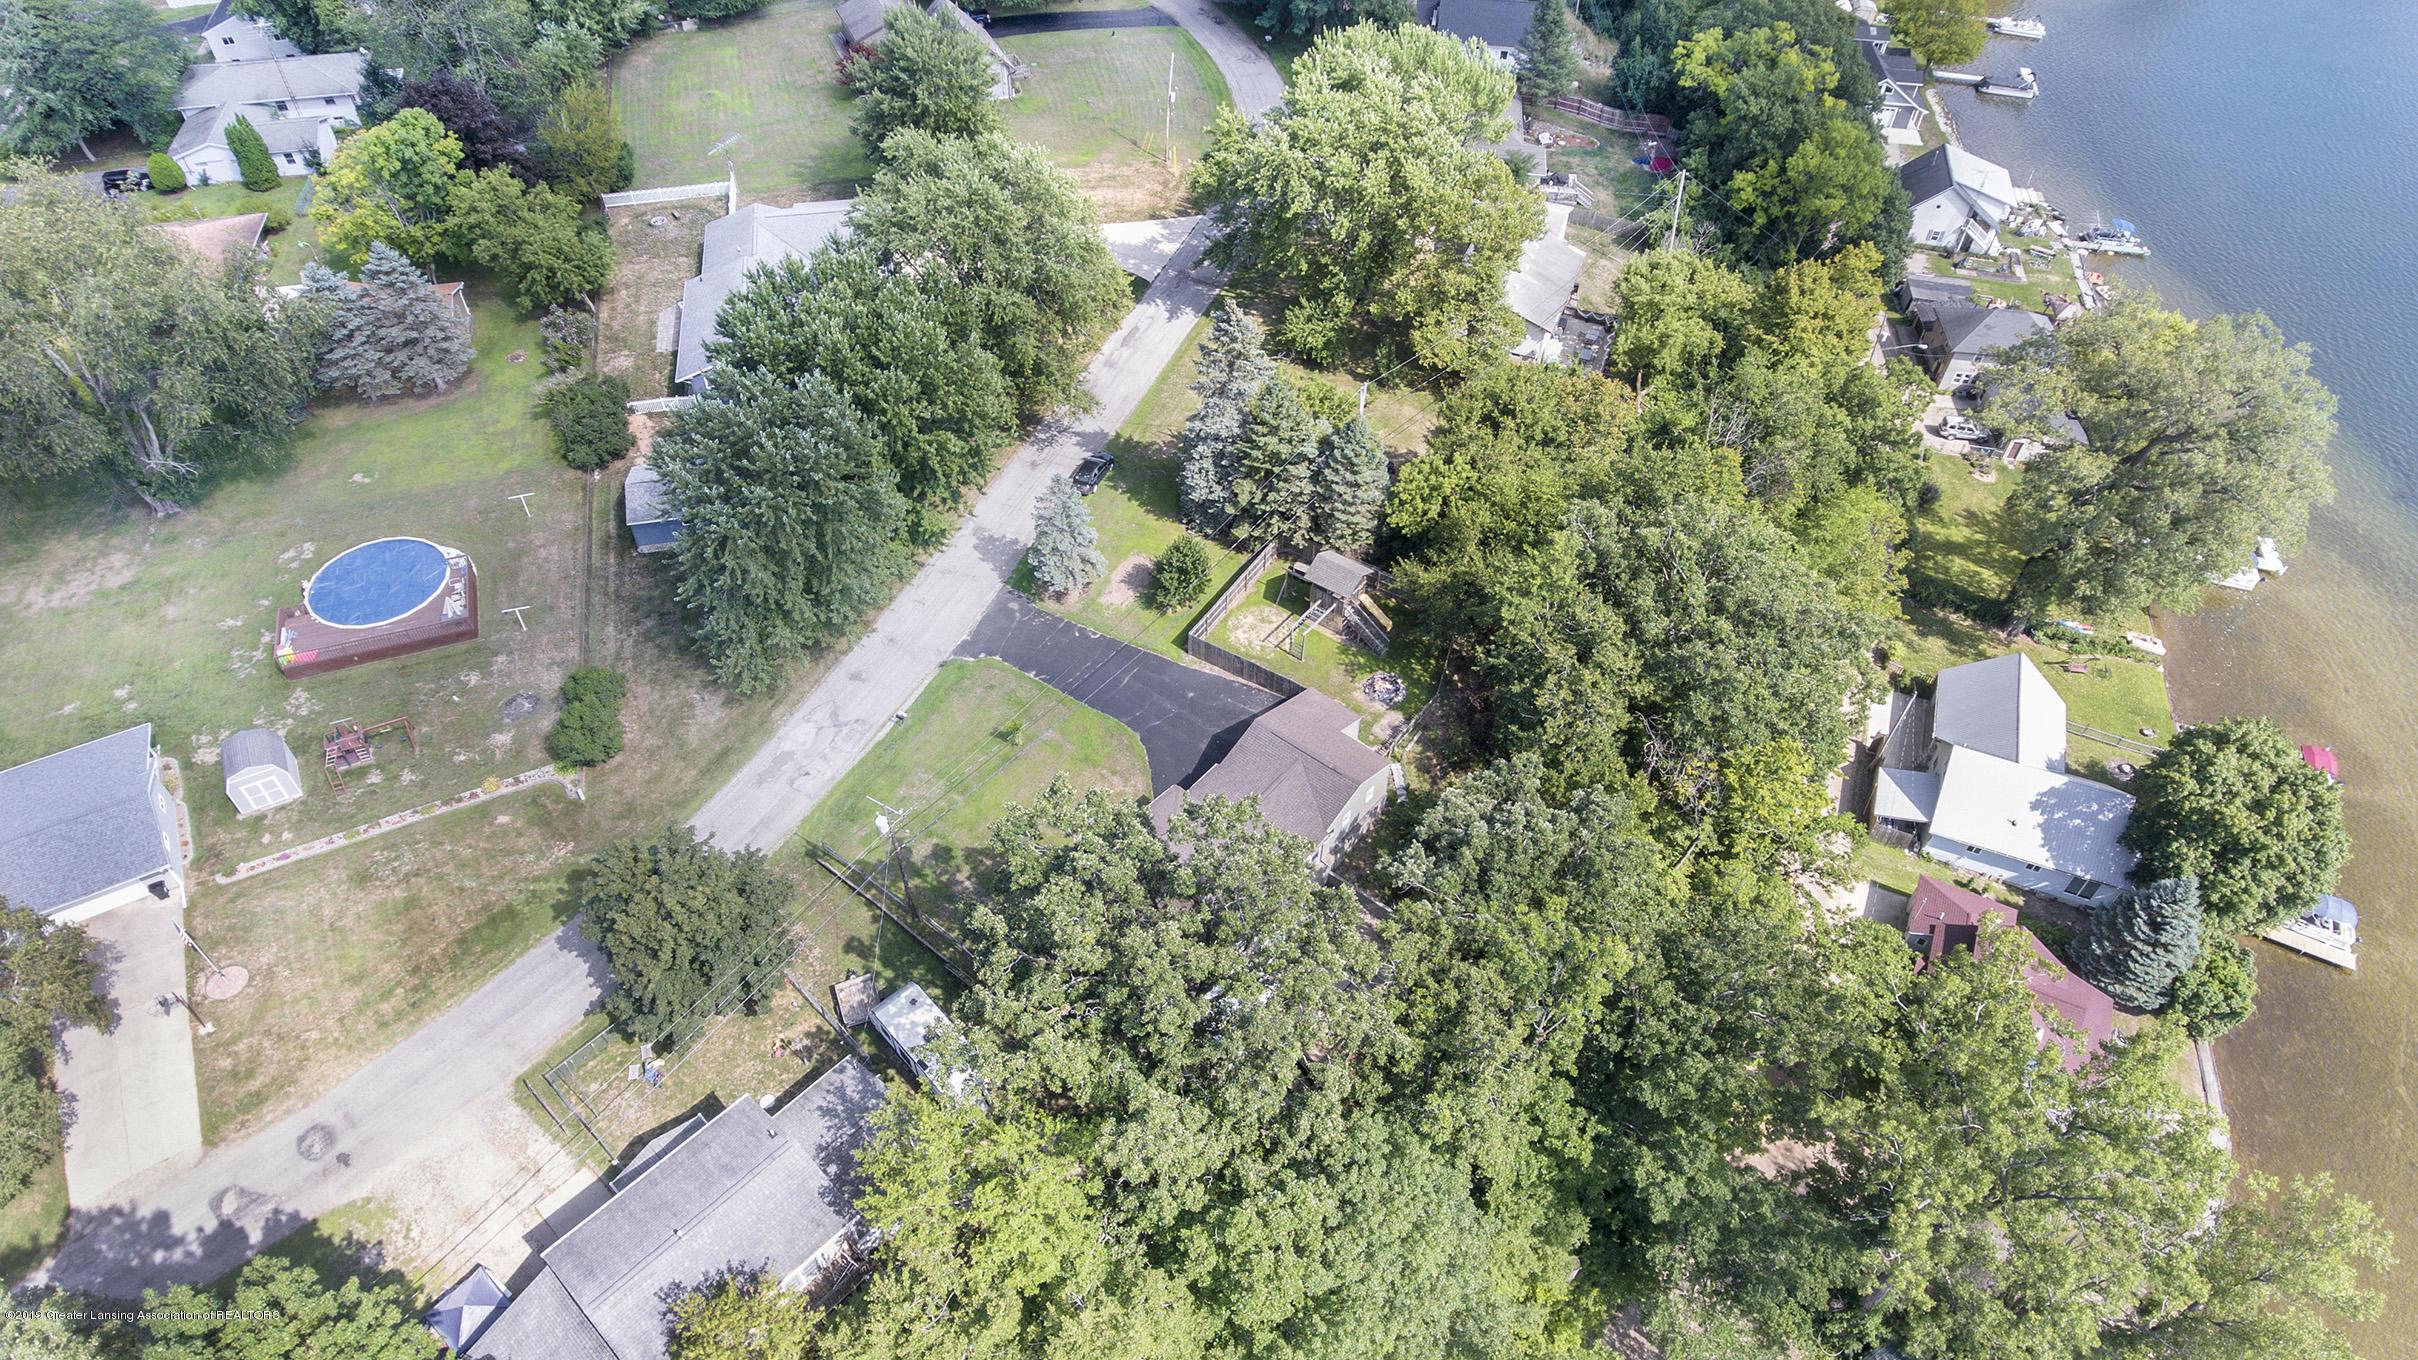 735 S Cloverhill Rd - Photo Aug 16, 3 53 52 PM-1 - 34